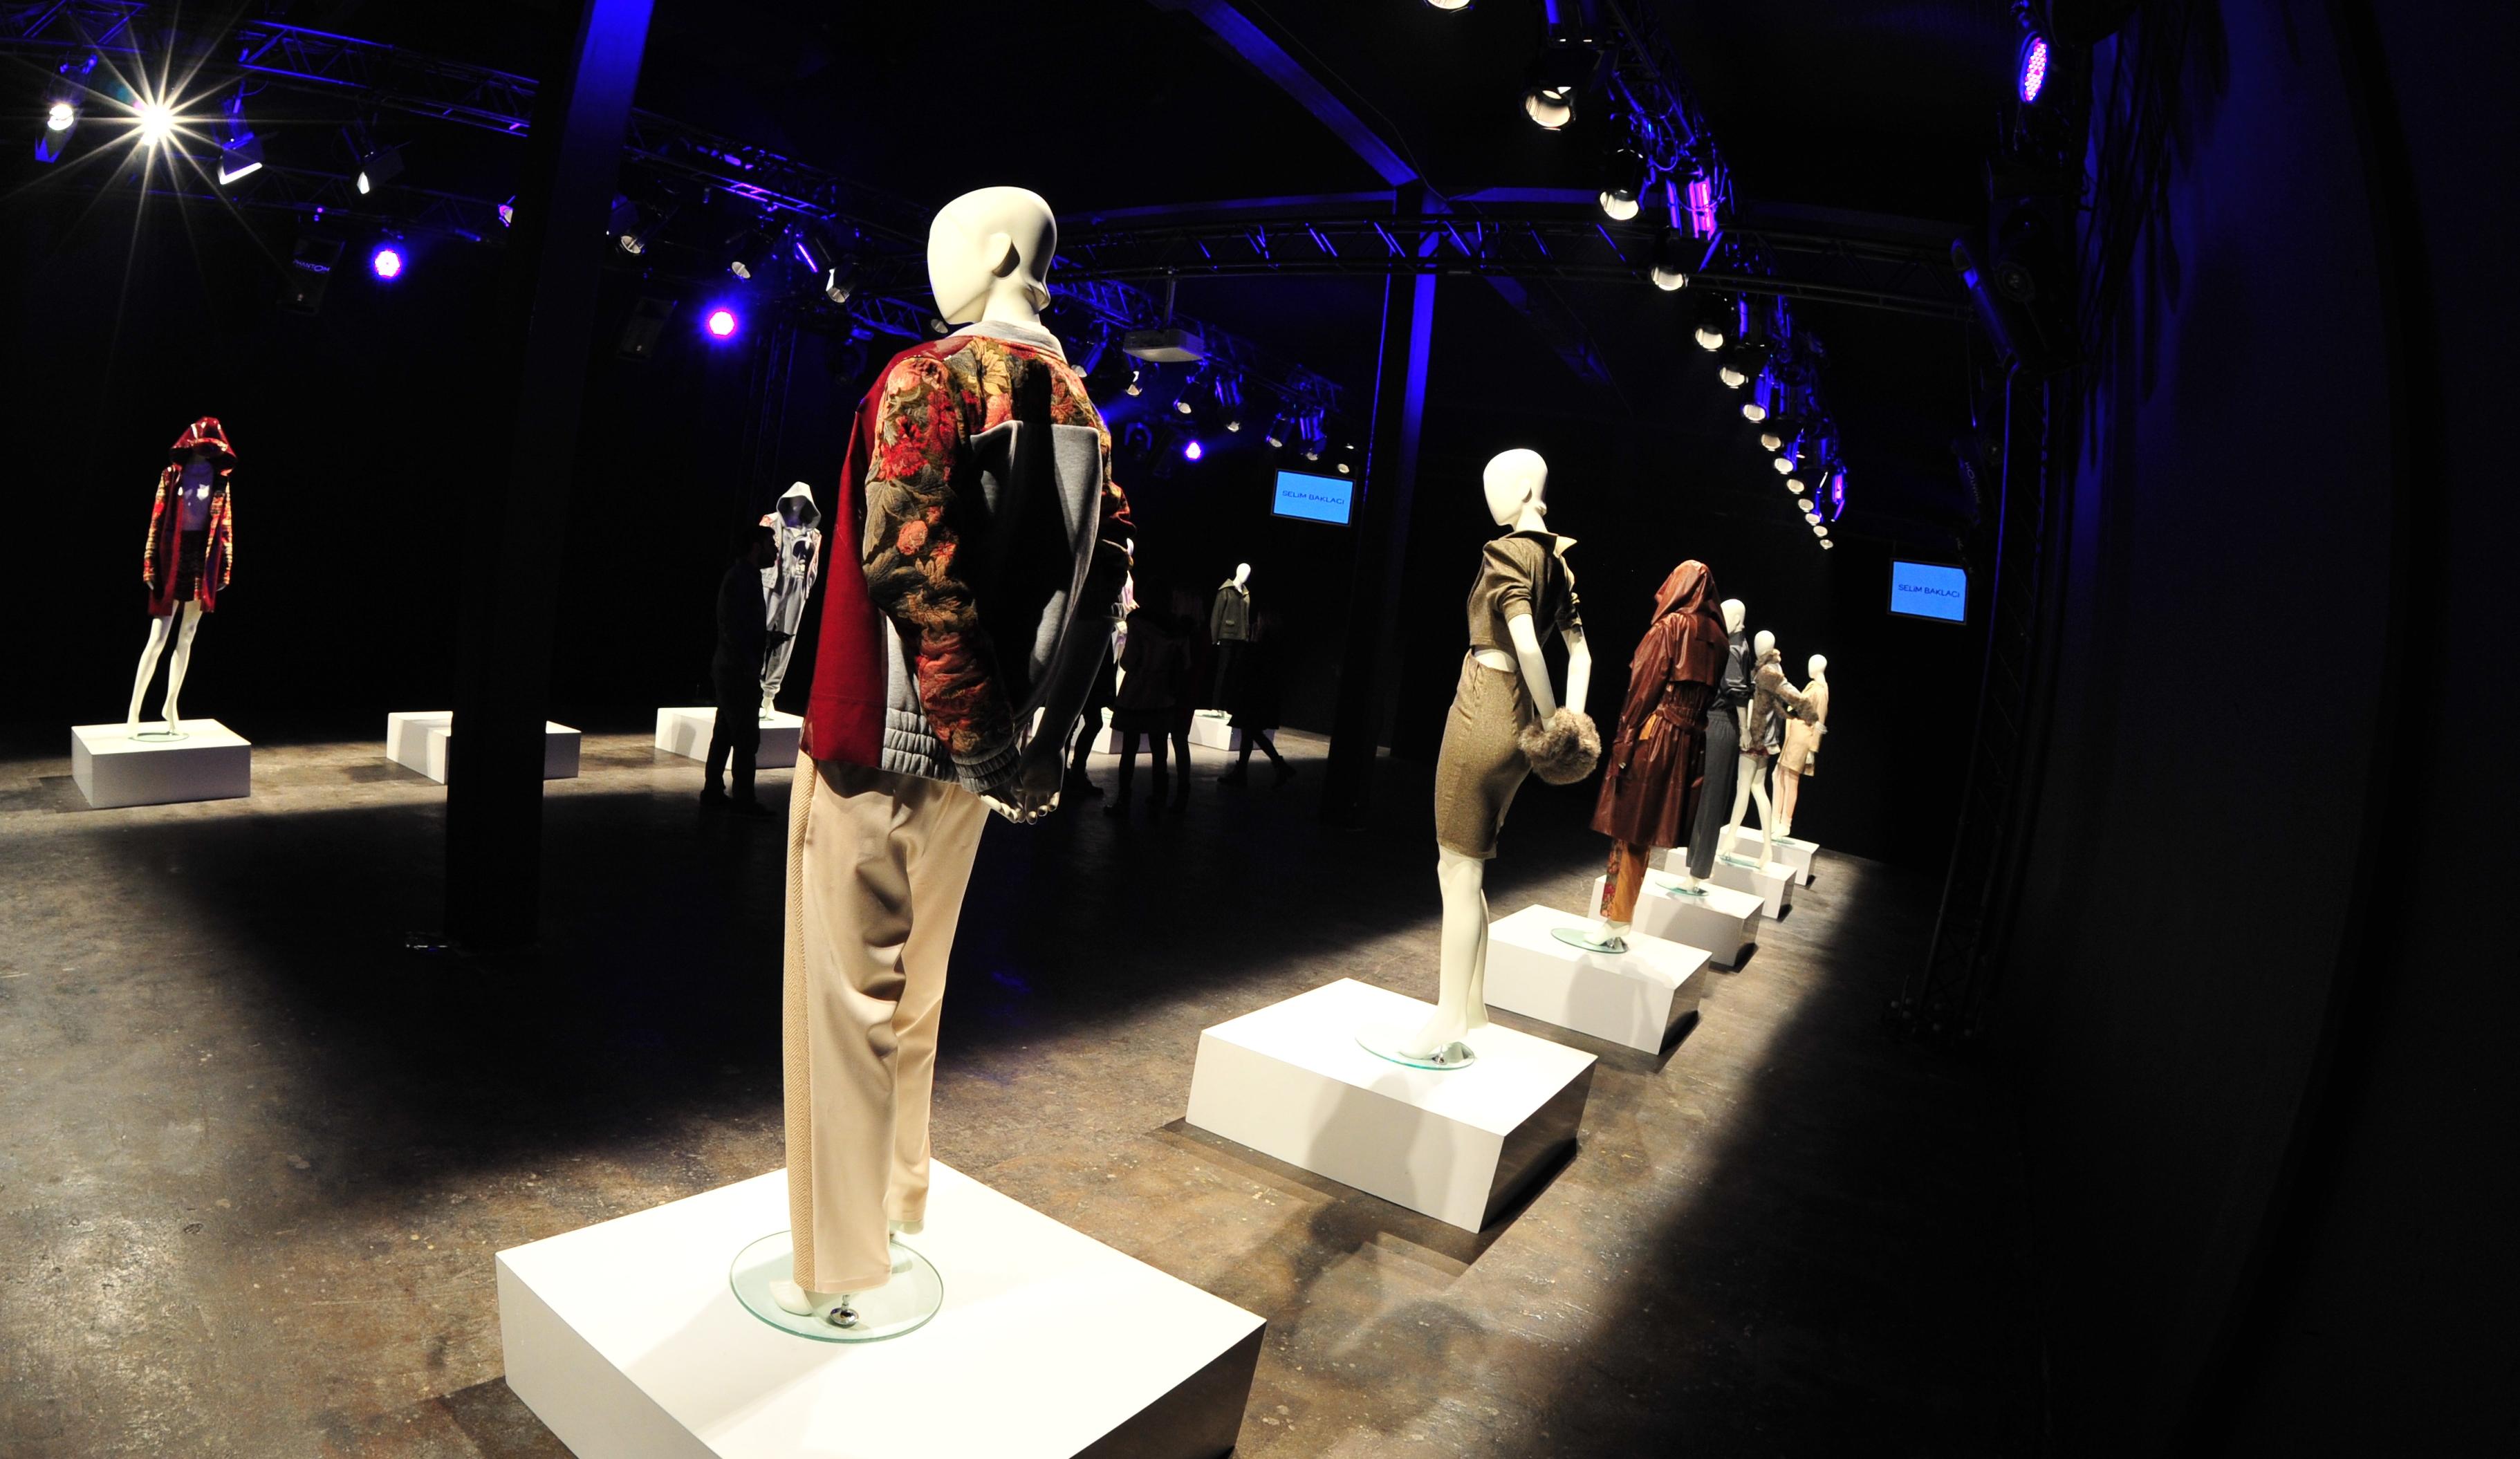 selim baklacı, mbfwi, mercedes-benz fashion week istanbul